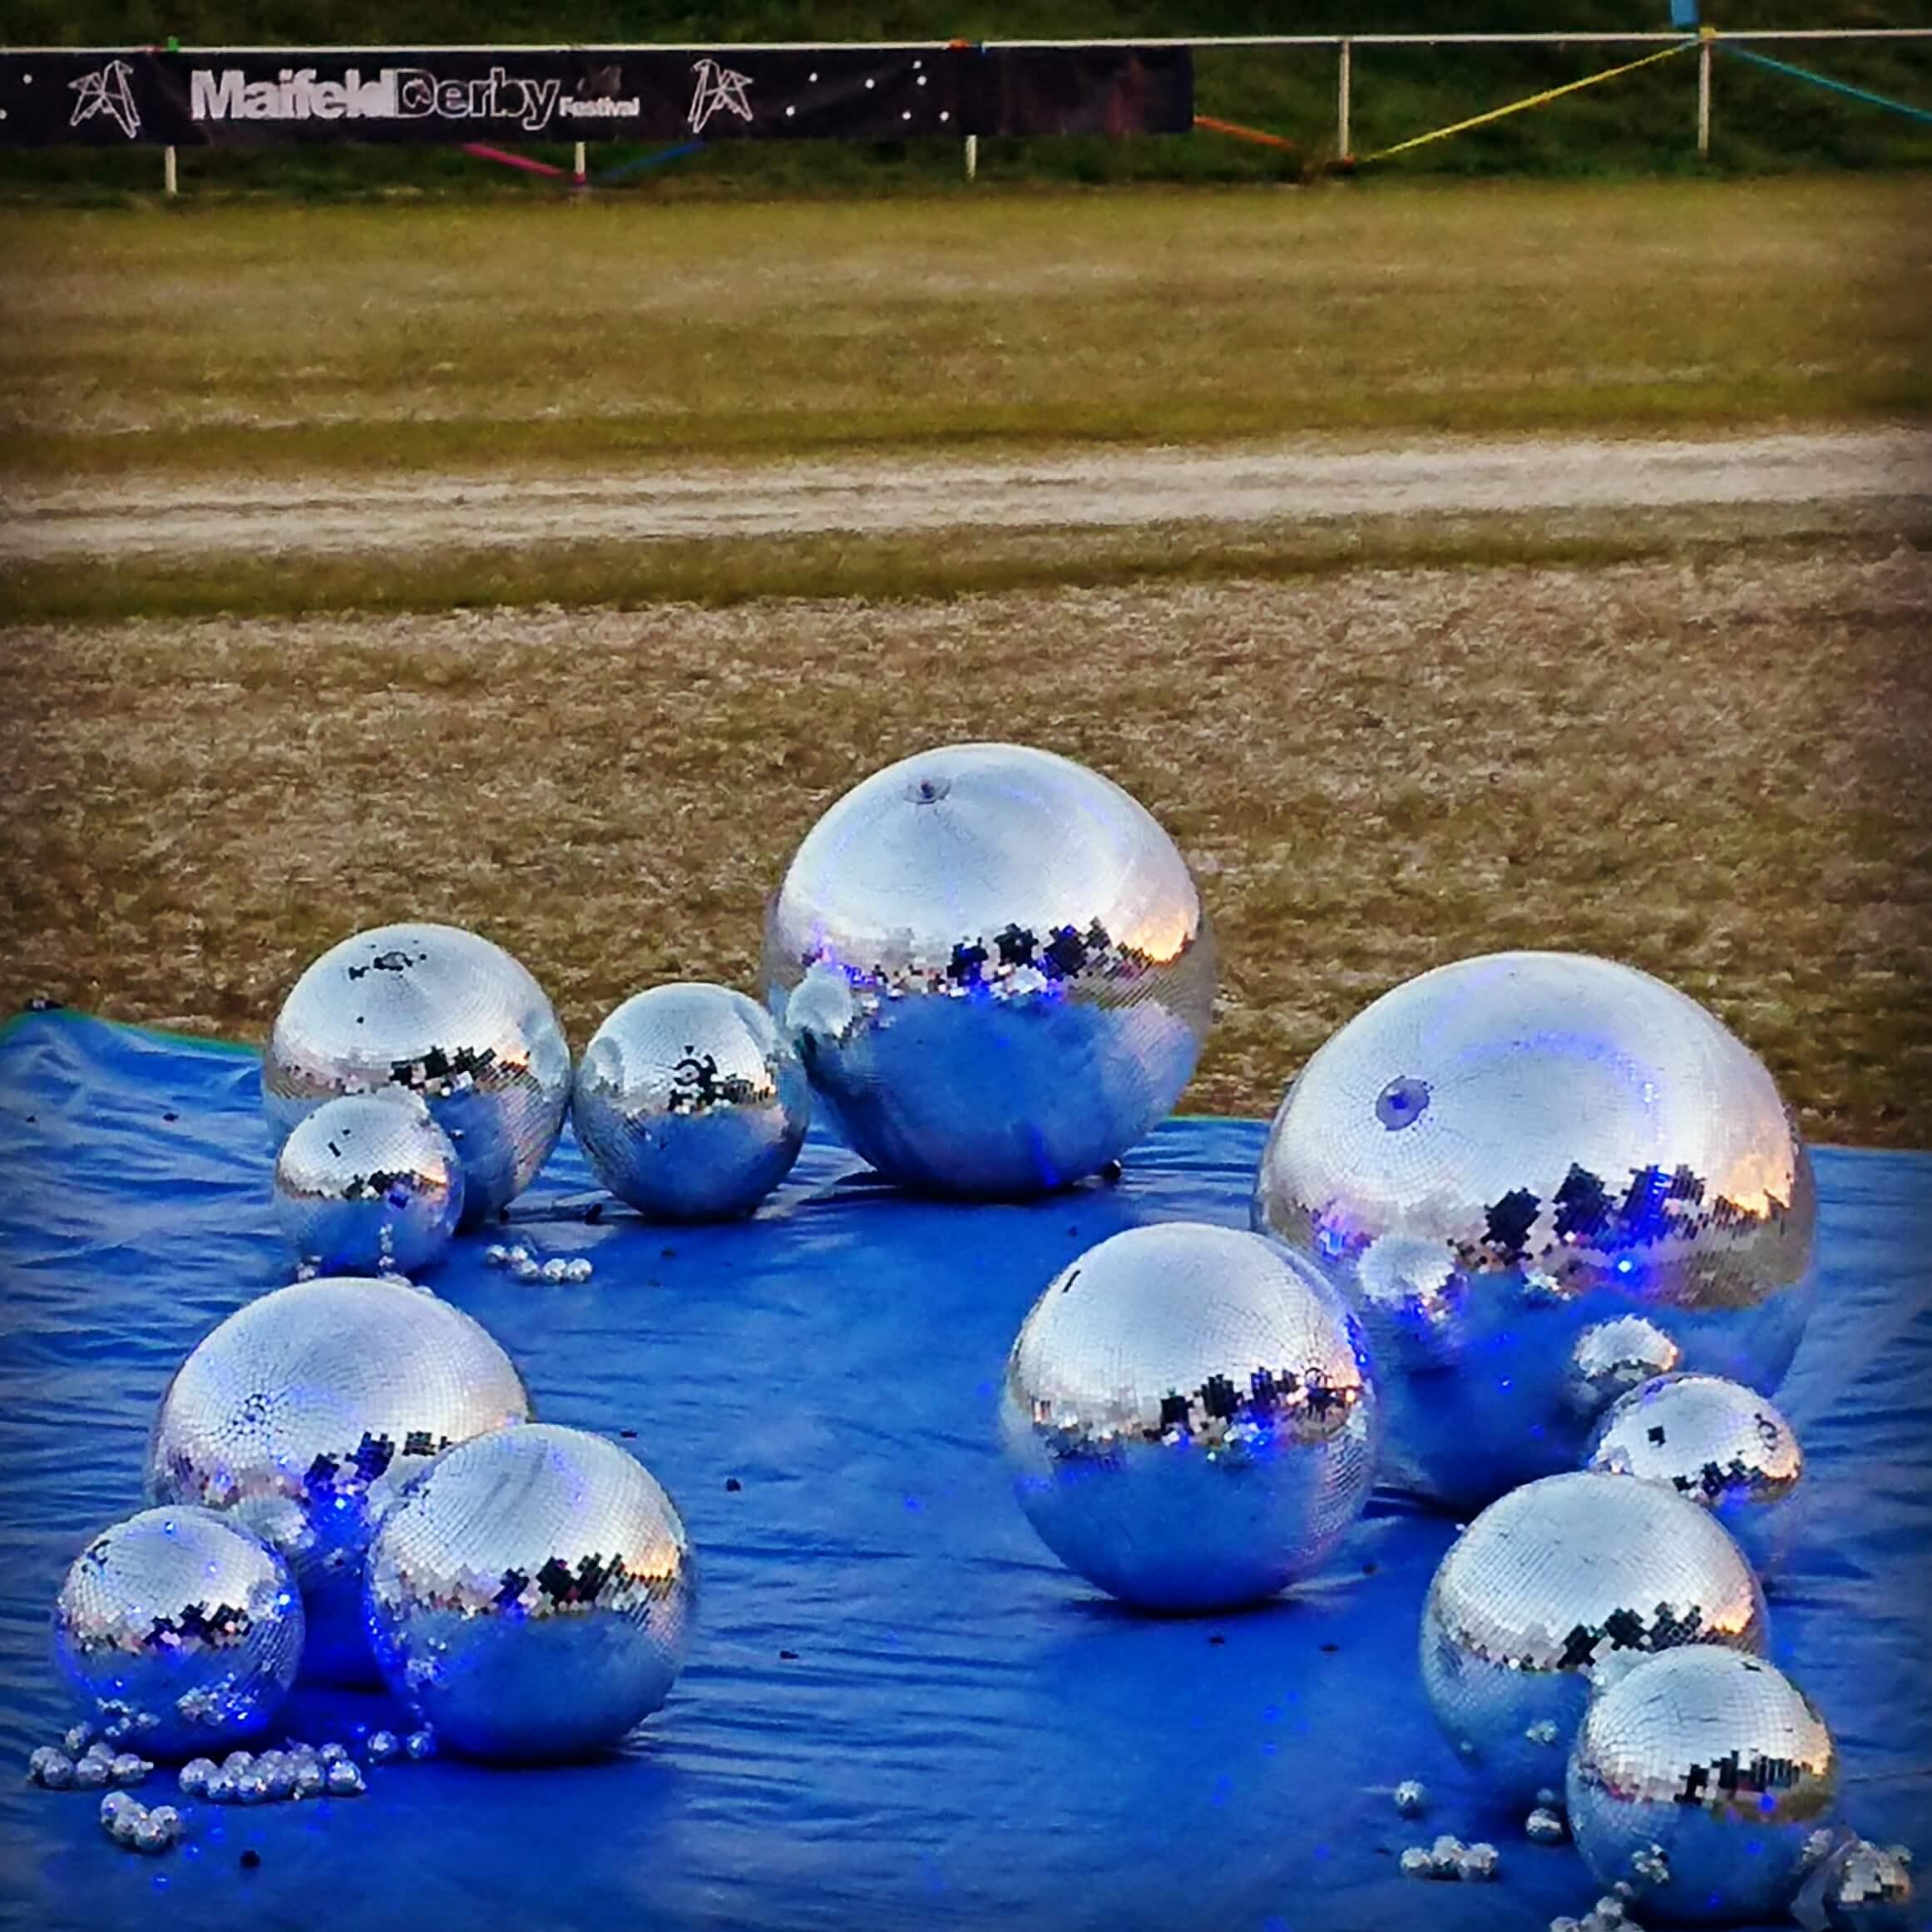 Momentaufnahme vom Maifeld Derby 2018 - die Disco-Kugeln ruhen sich aus. Ruhige Kugeln auf dem Maifeld Derby. Symbolbild für erstaunlich viel nicht-krachige Musik in 2018.